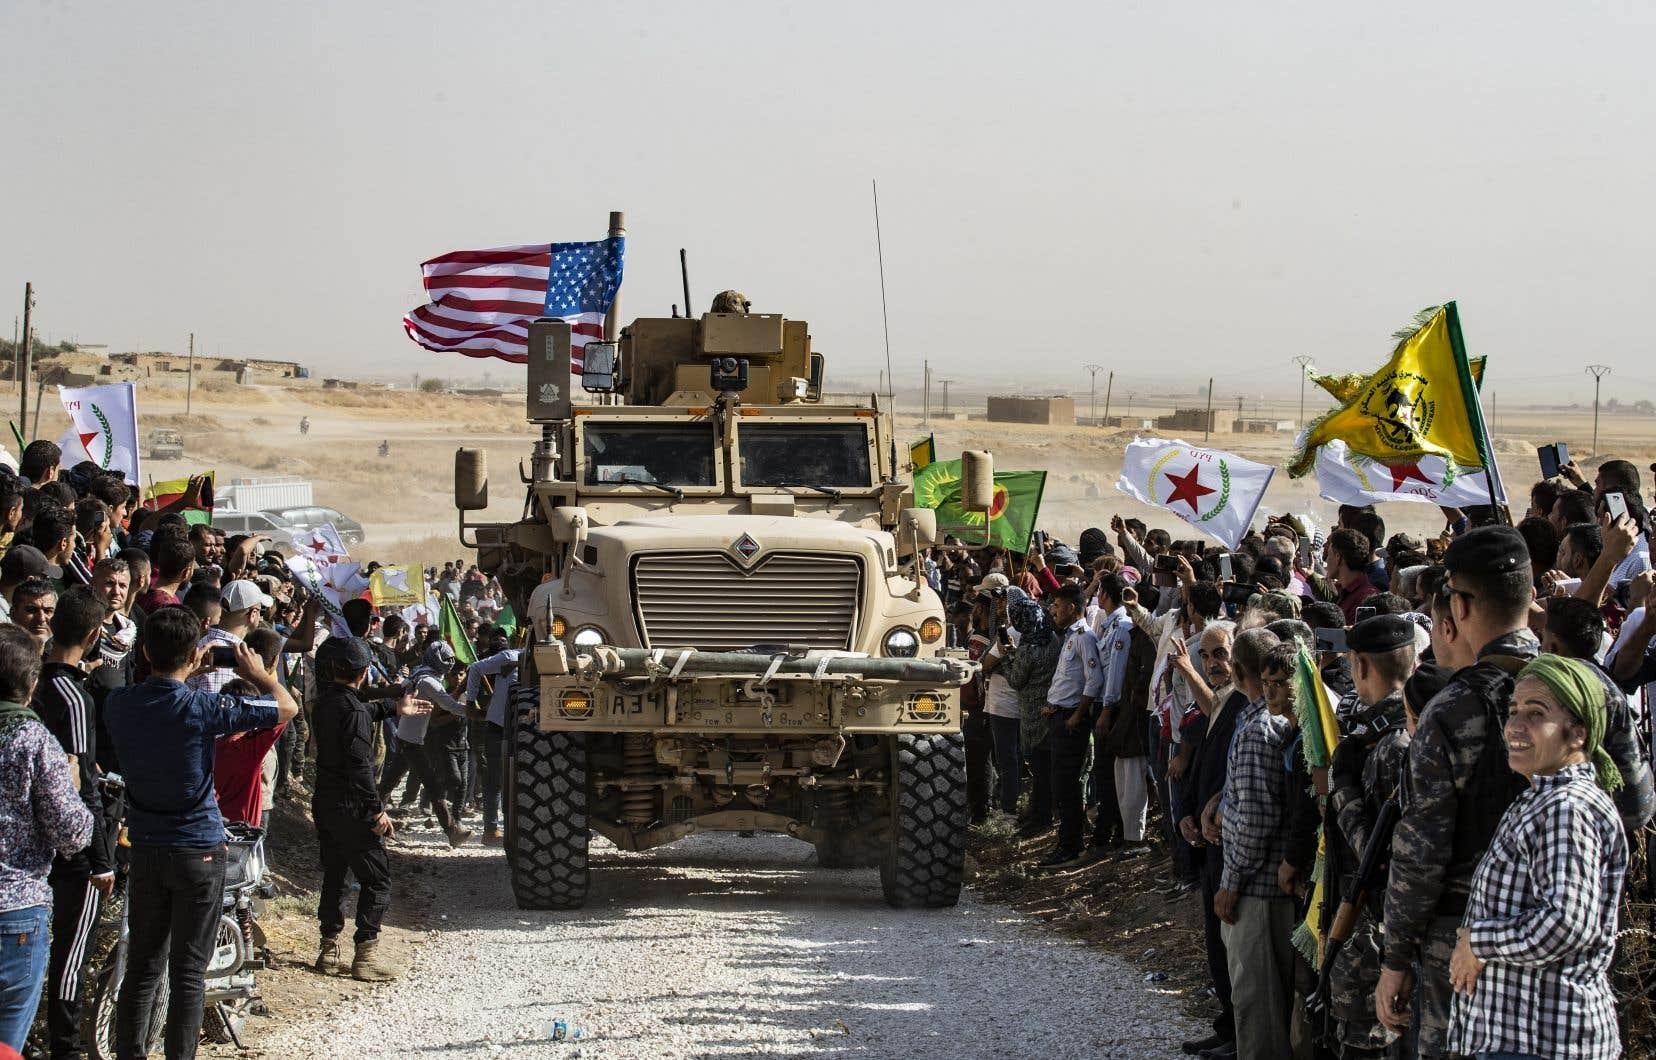 Les forces kurdes sont des alliés de longue date de Washington dans la lutte antidjihadiste en Syrie.